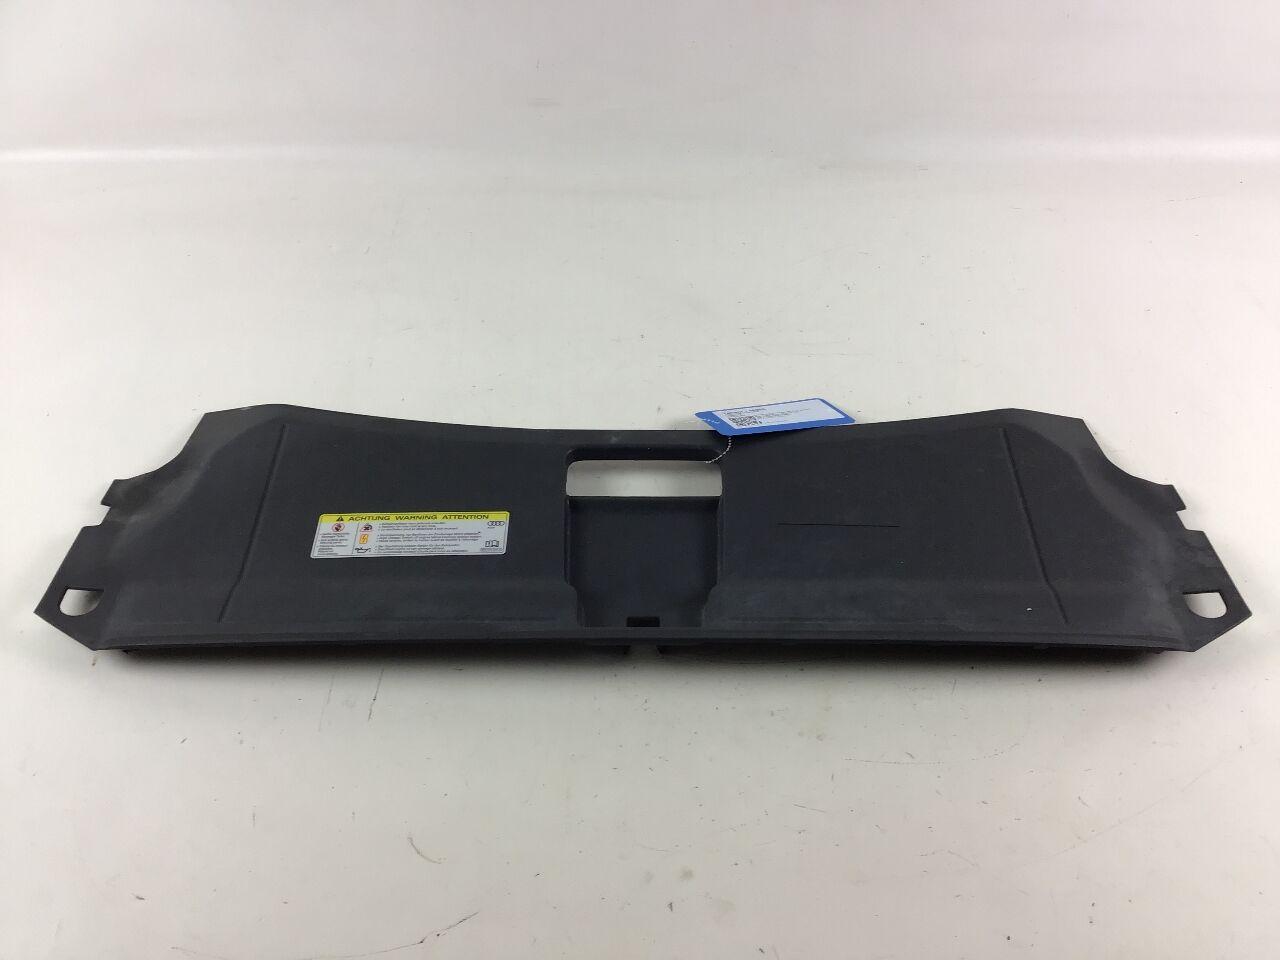 Abdeckung AUDI Q3 (8U) 2.0 TFSI quattro  132 kW  180 PS (11.2014-10.2018)